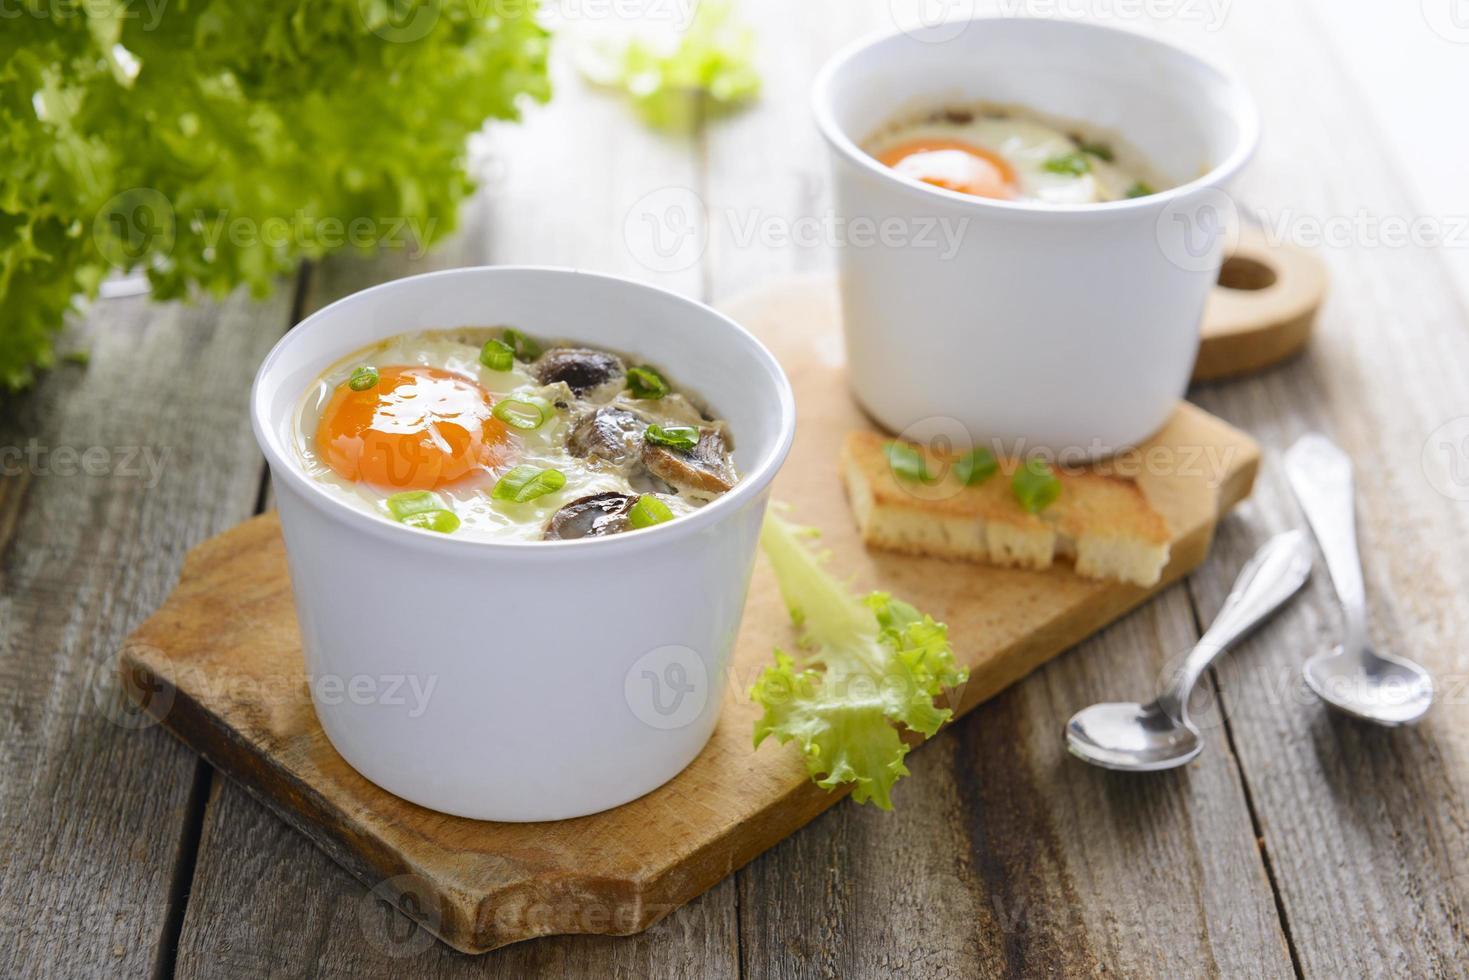 gebakken eieren met champignons, room en bieslook foto